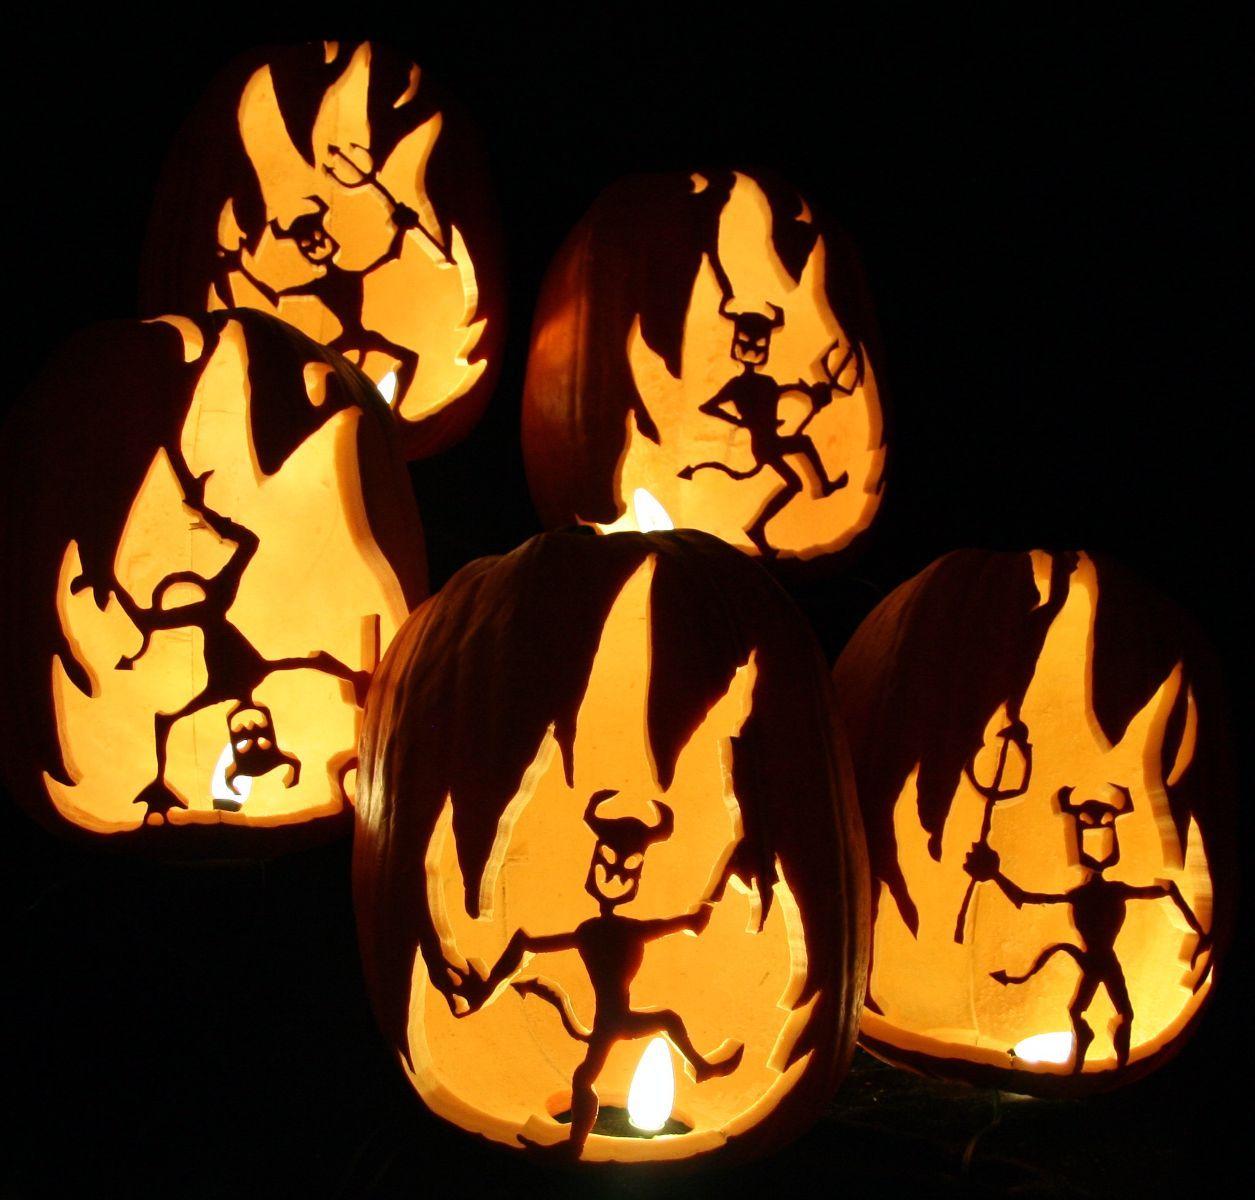 PUMPKINFERNO Upper Canada Village Halloween event